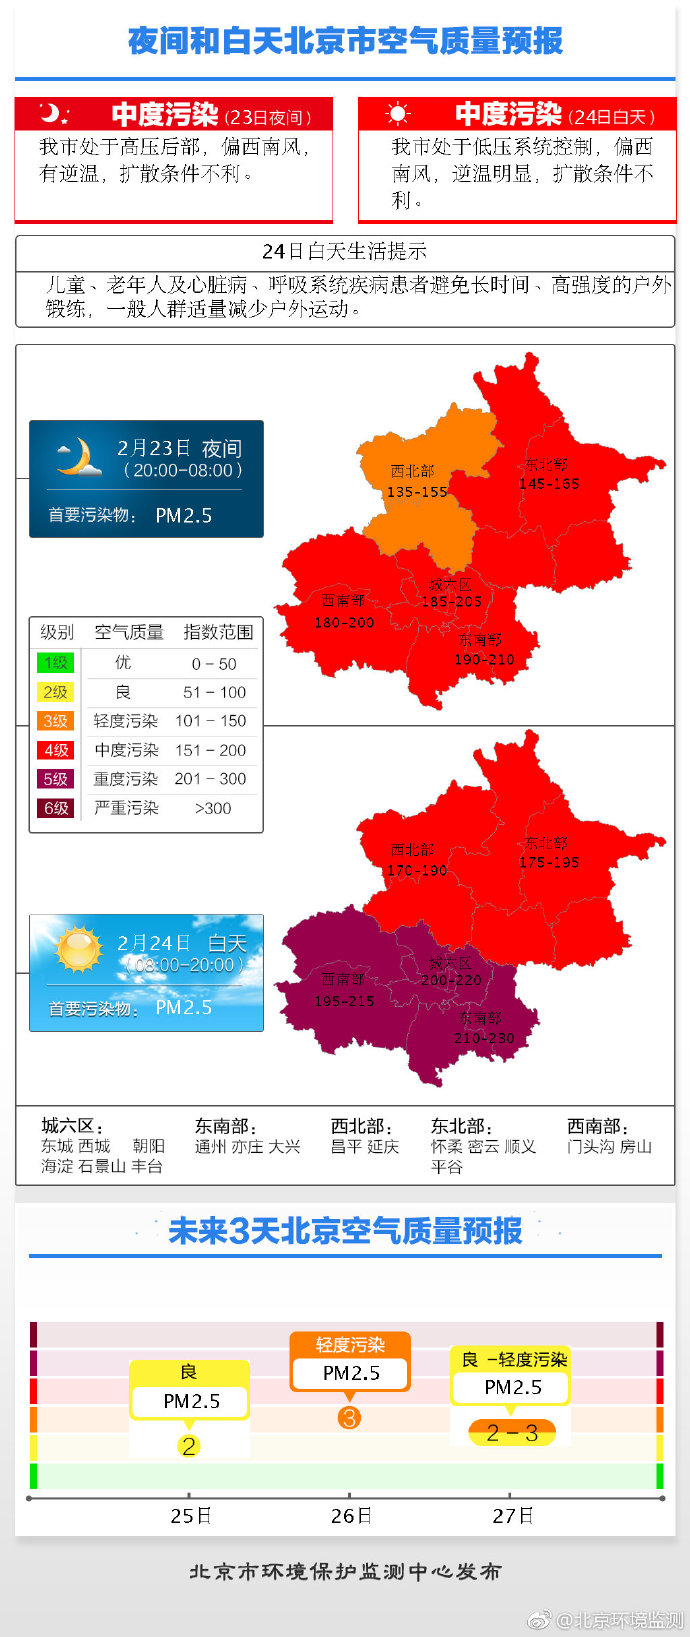 图片来源:北京市环境保护监测中心官方微博